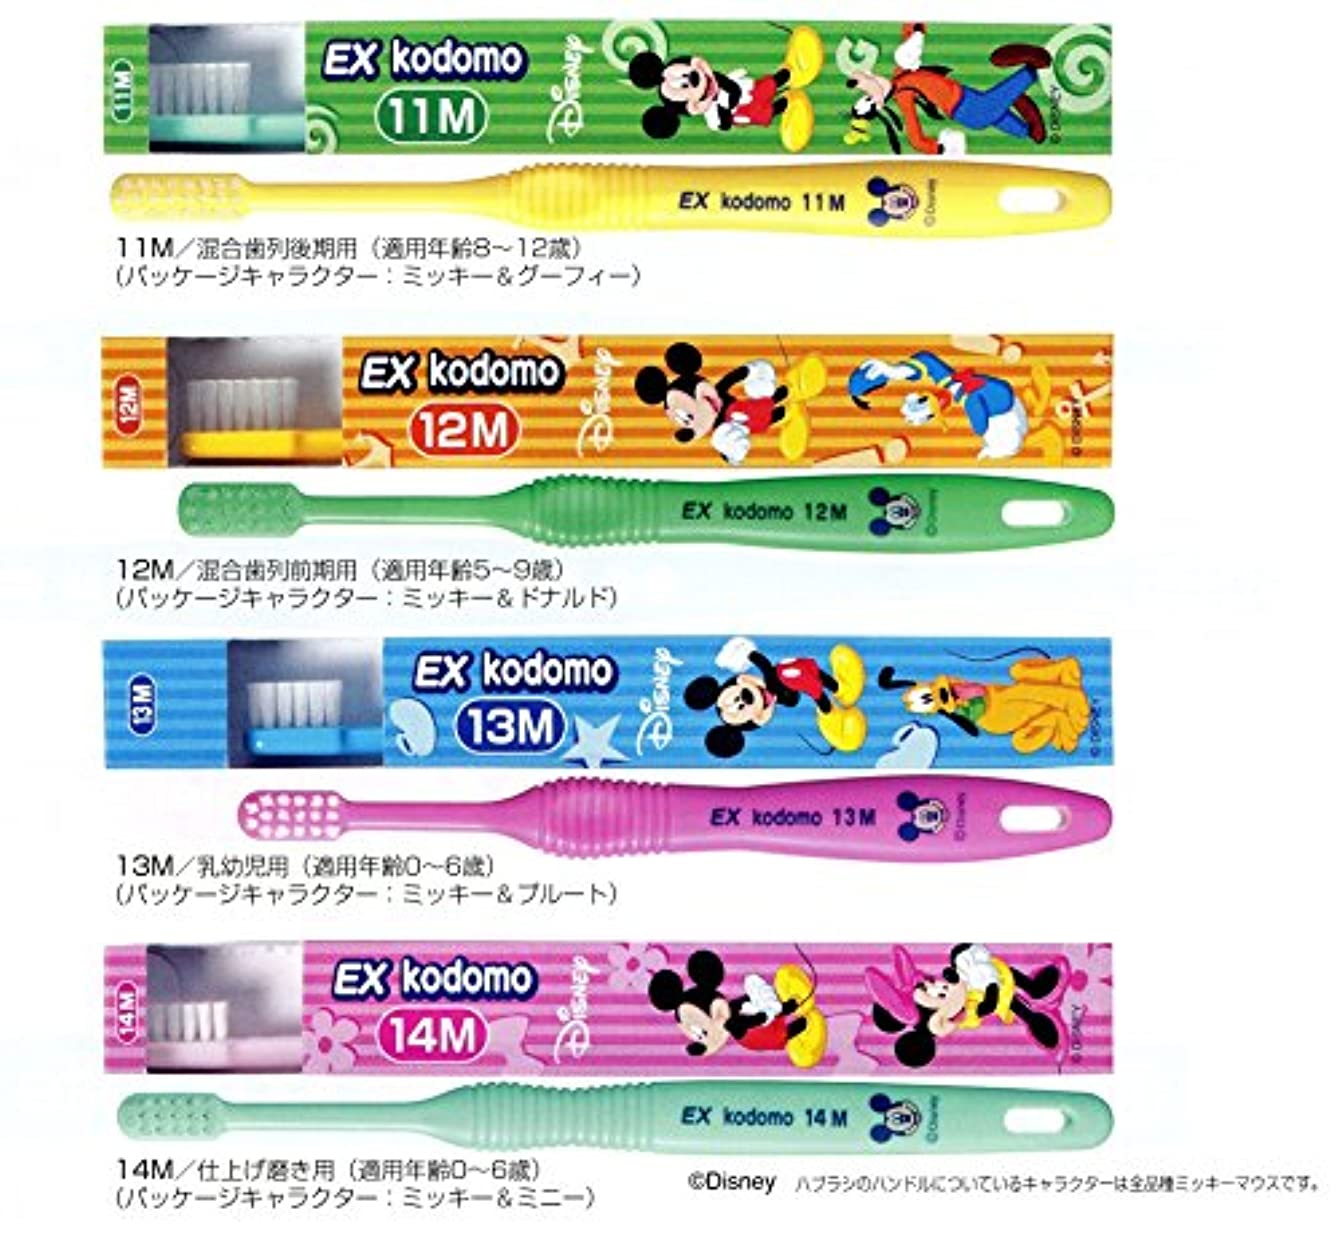 すべてブース隠すライオン コドモ ディズニー DENT.EX kodomo Disney 1本 11M ピンク (8?12歳)